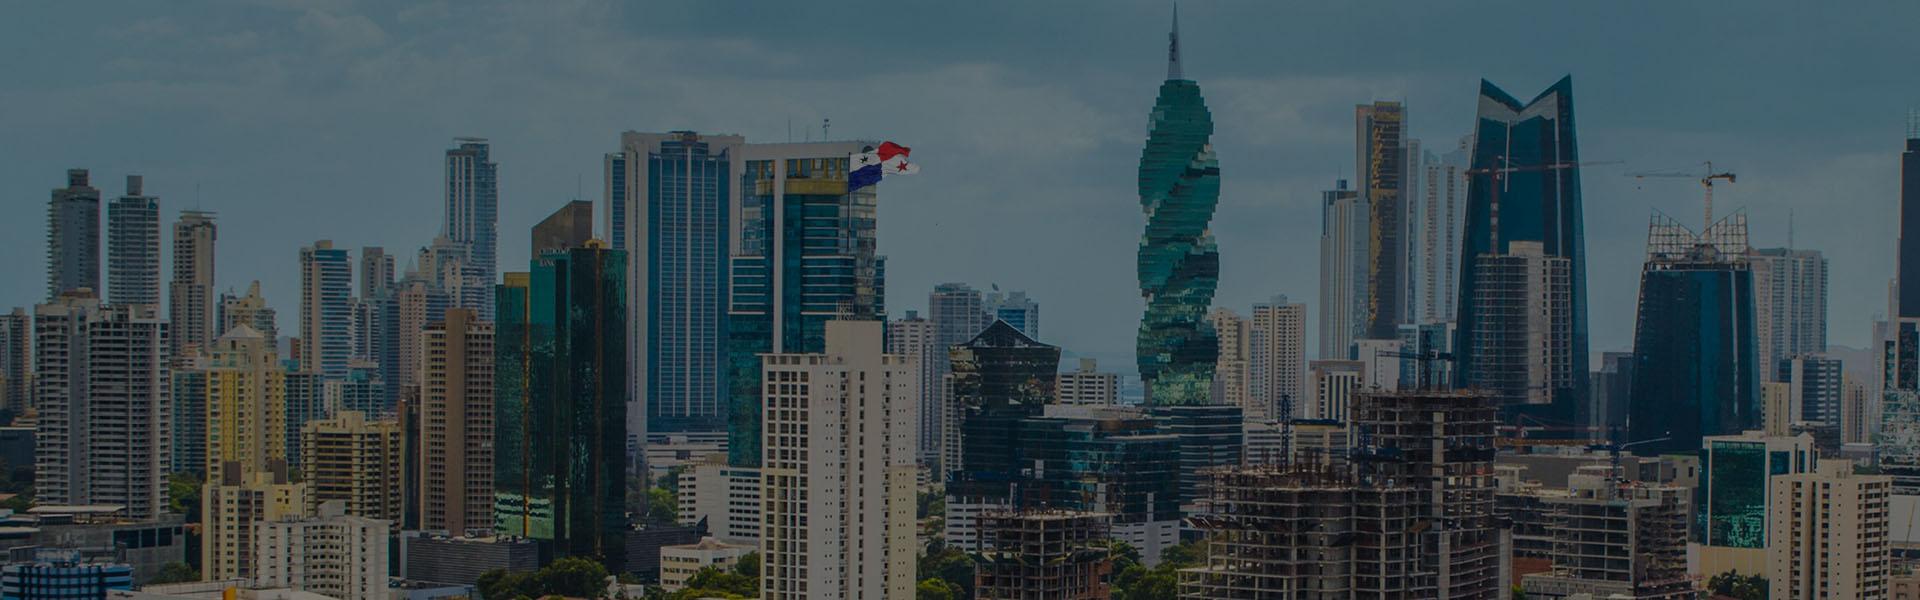 Internacionaliza tu negocio en Panamá